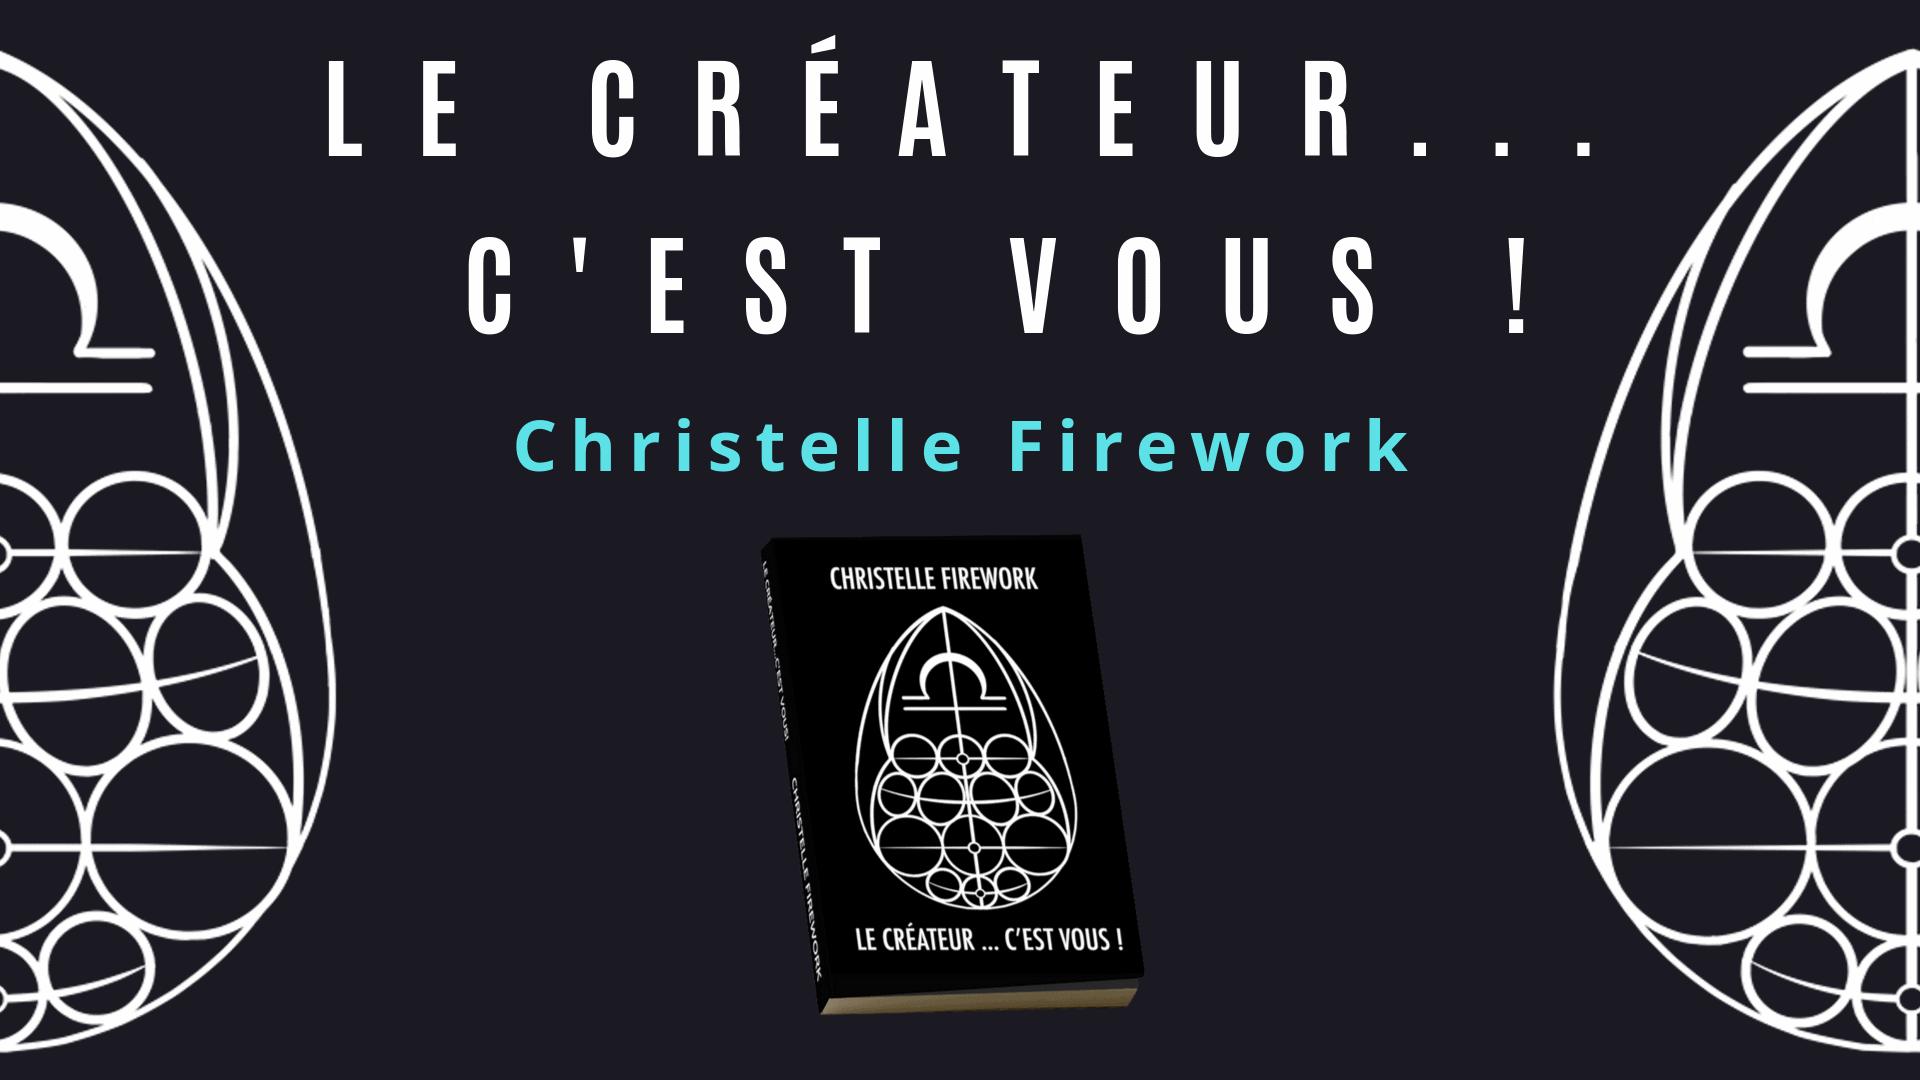 Retrouver Sa Souveraineté (Extraits) | Christelle Firework